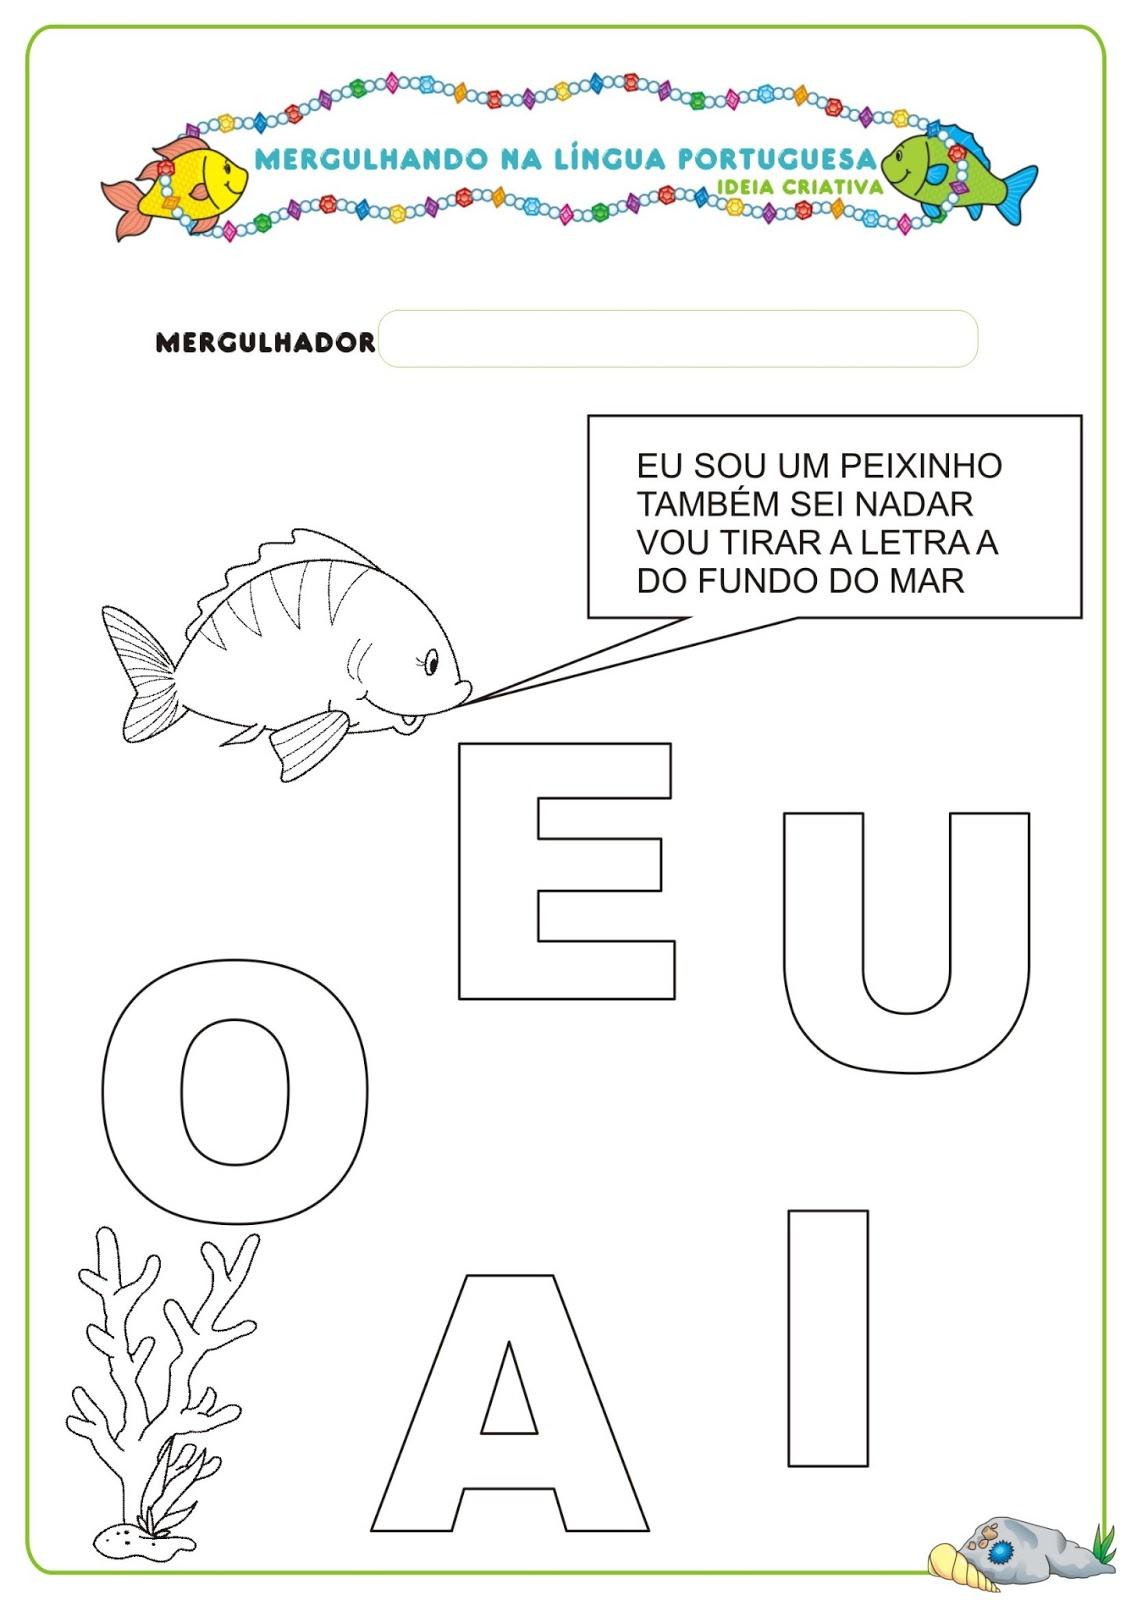 Super Caderno de Atividades Língua Portuguesa Projeto no Fundo do Mar  BR82